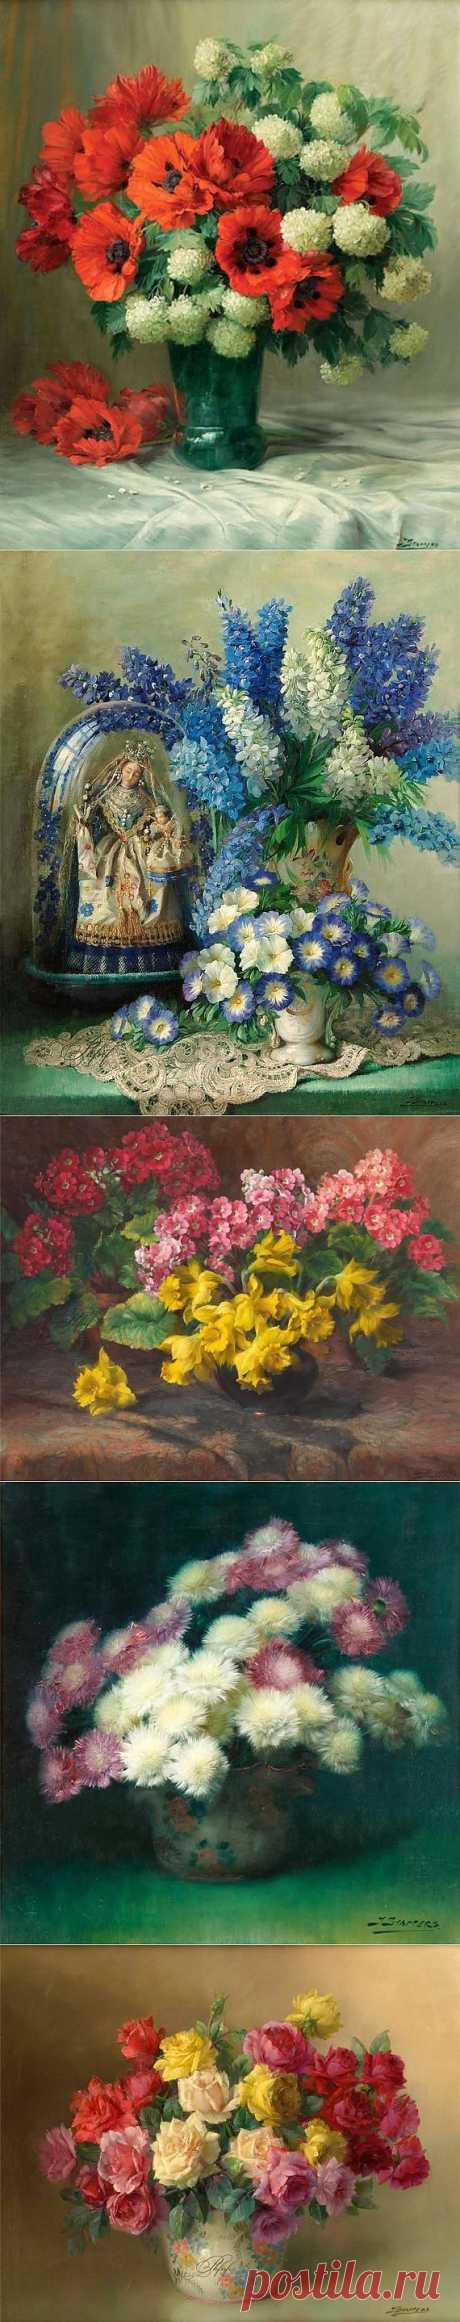 Цветы Julien Stappers.